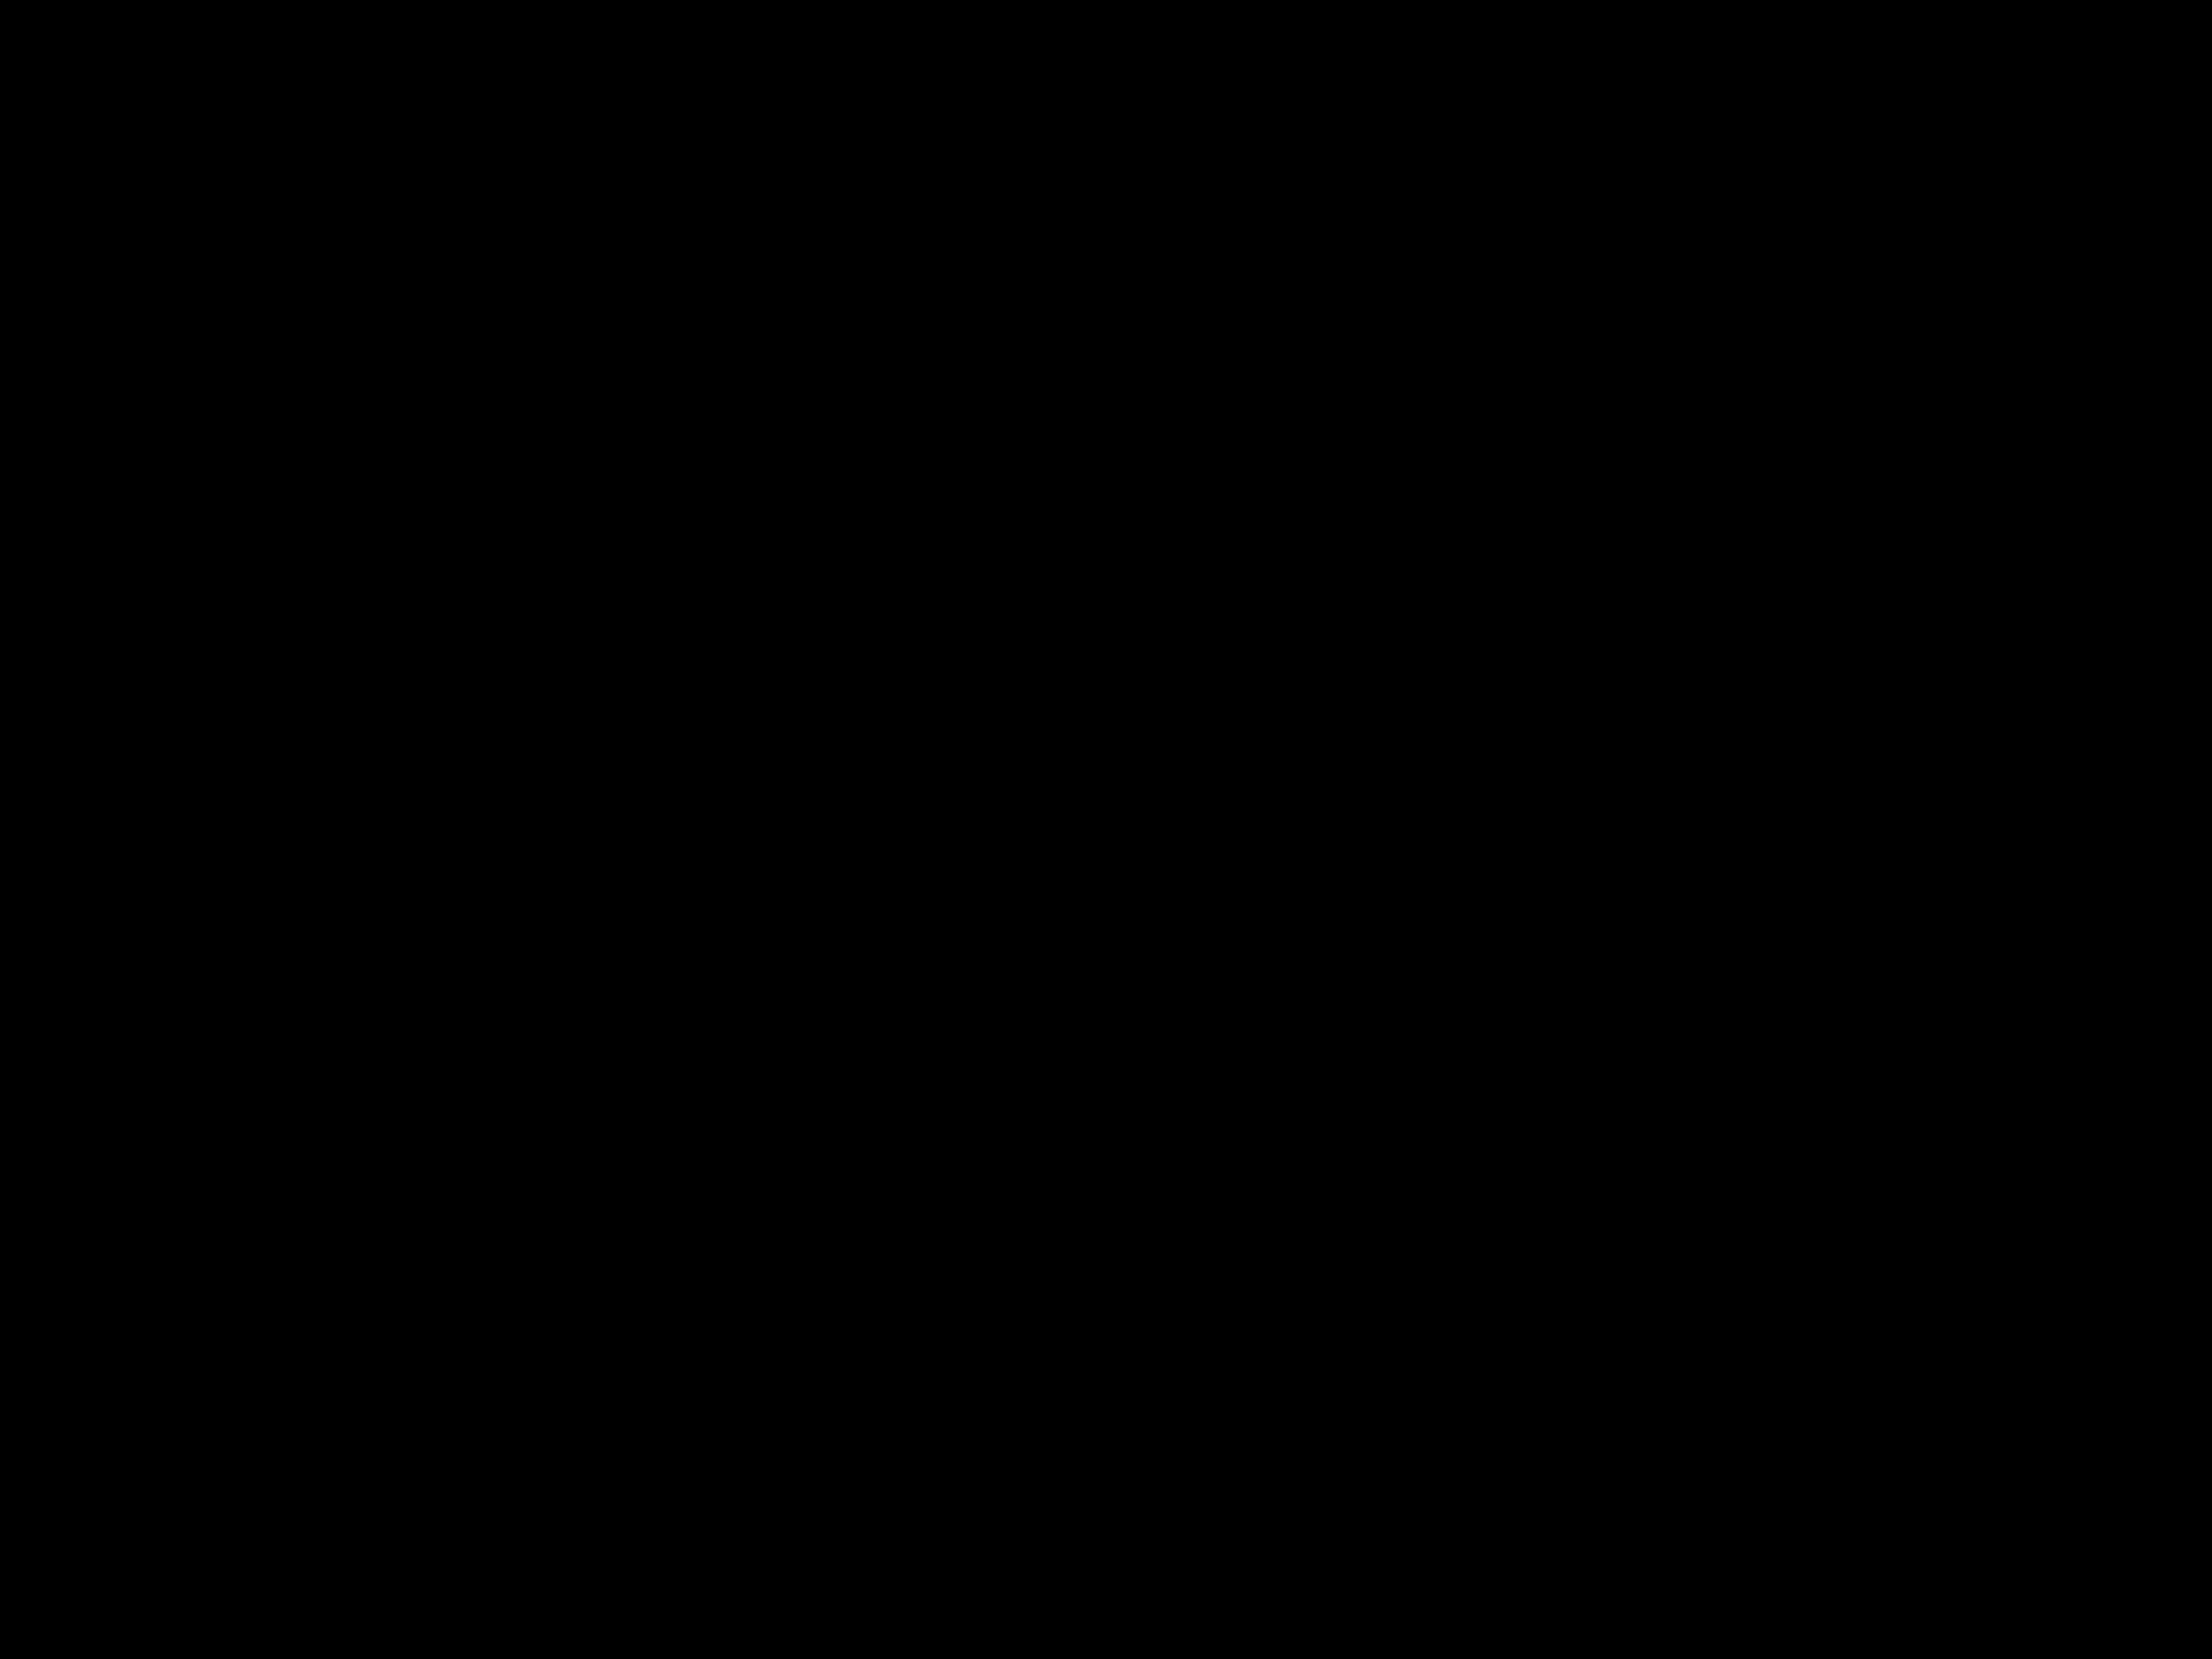 Anlieferung Öl-Wasser-Gemsich in IBC-Behältern durch LKW der Bundeswehr